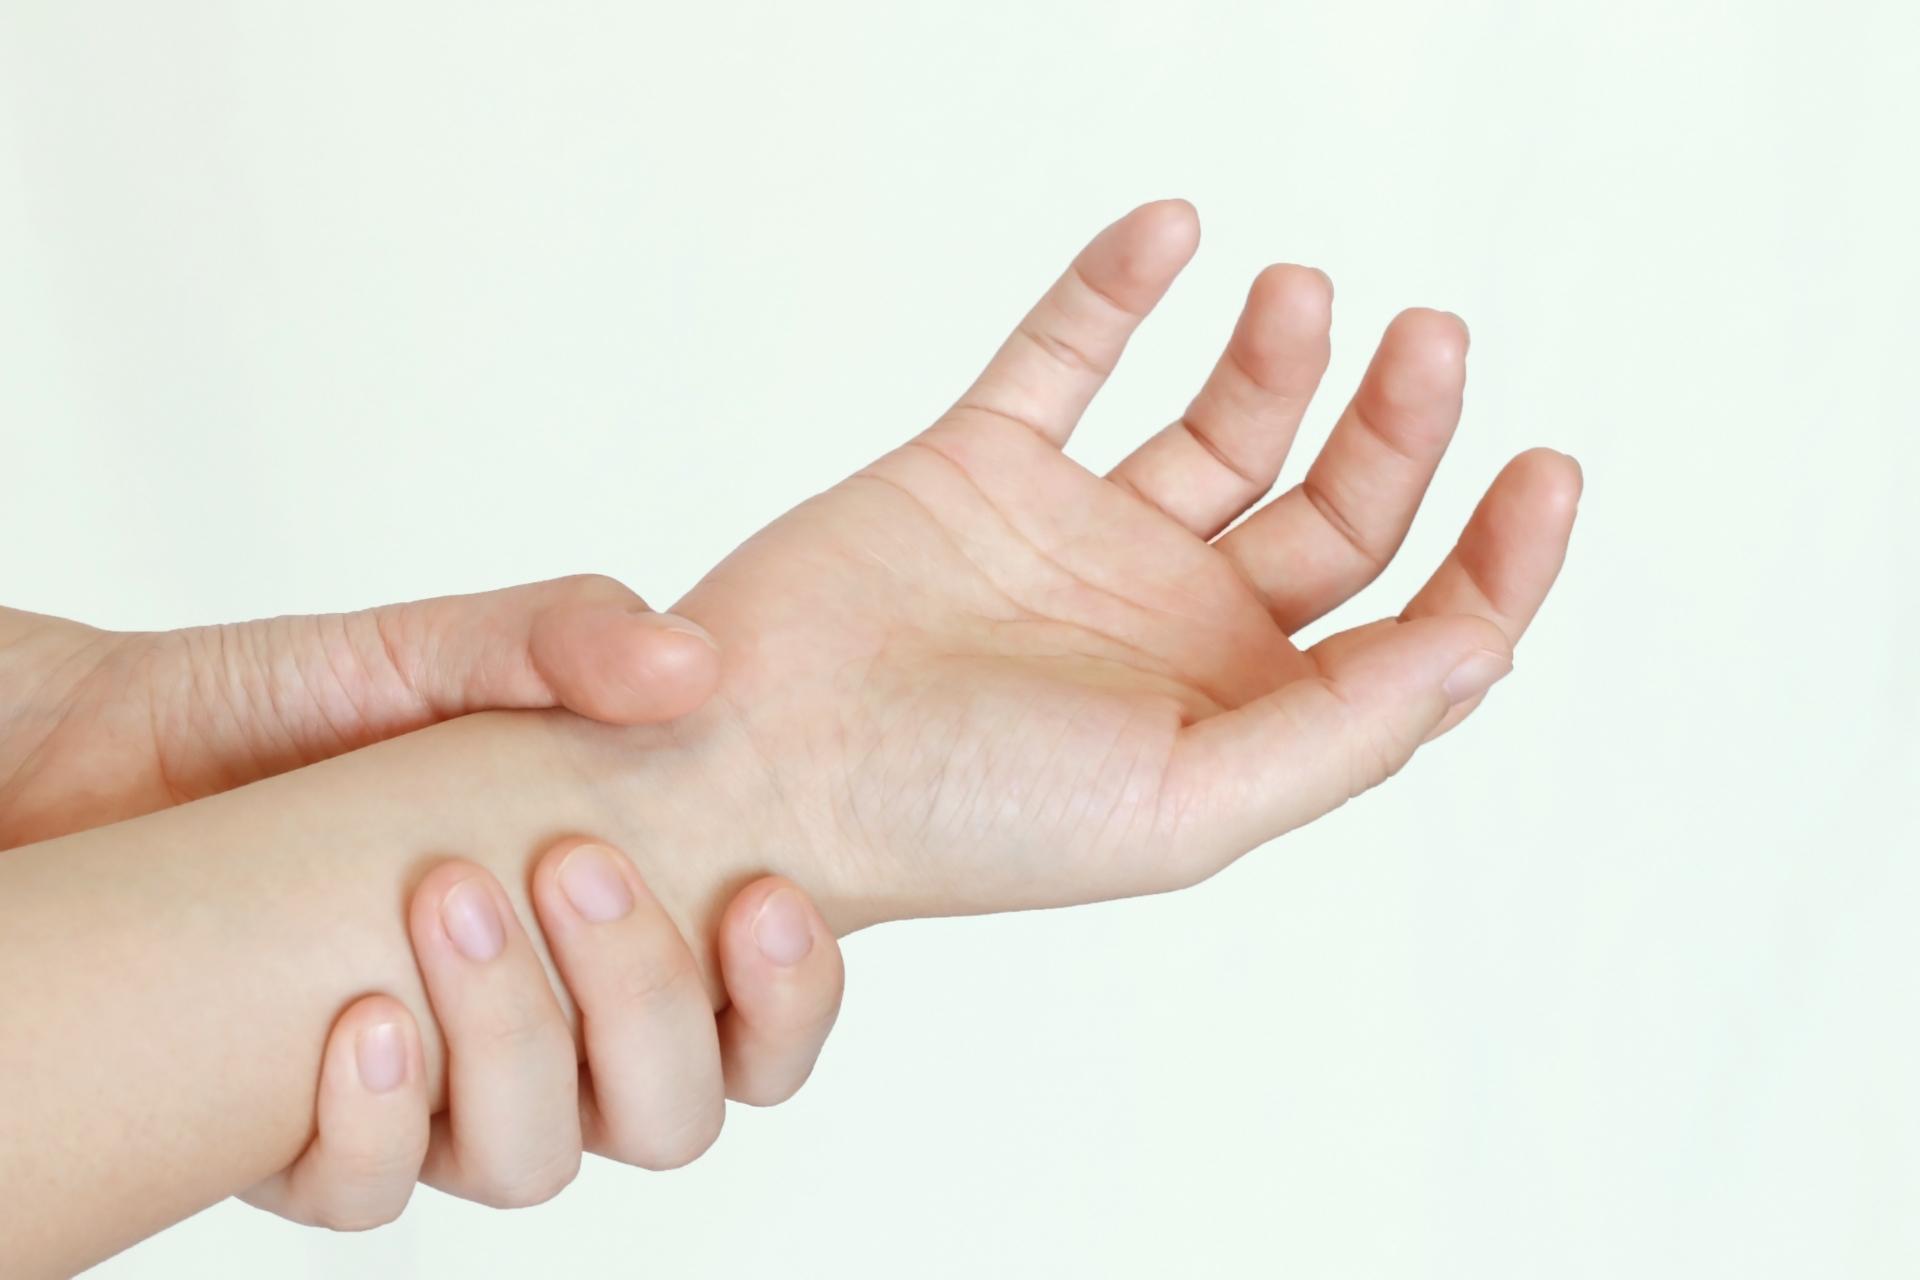 関節リウマチの手